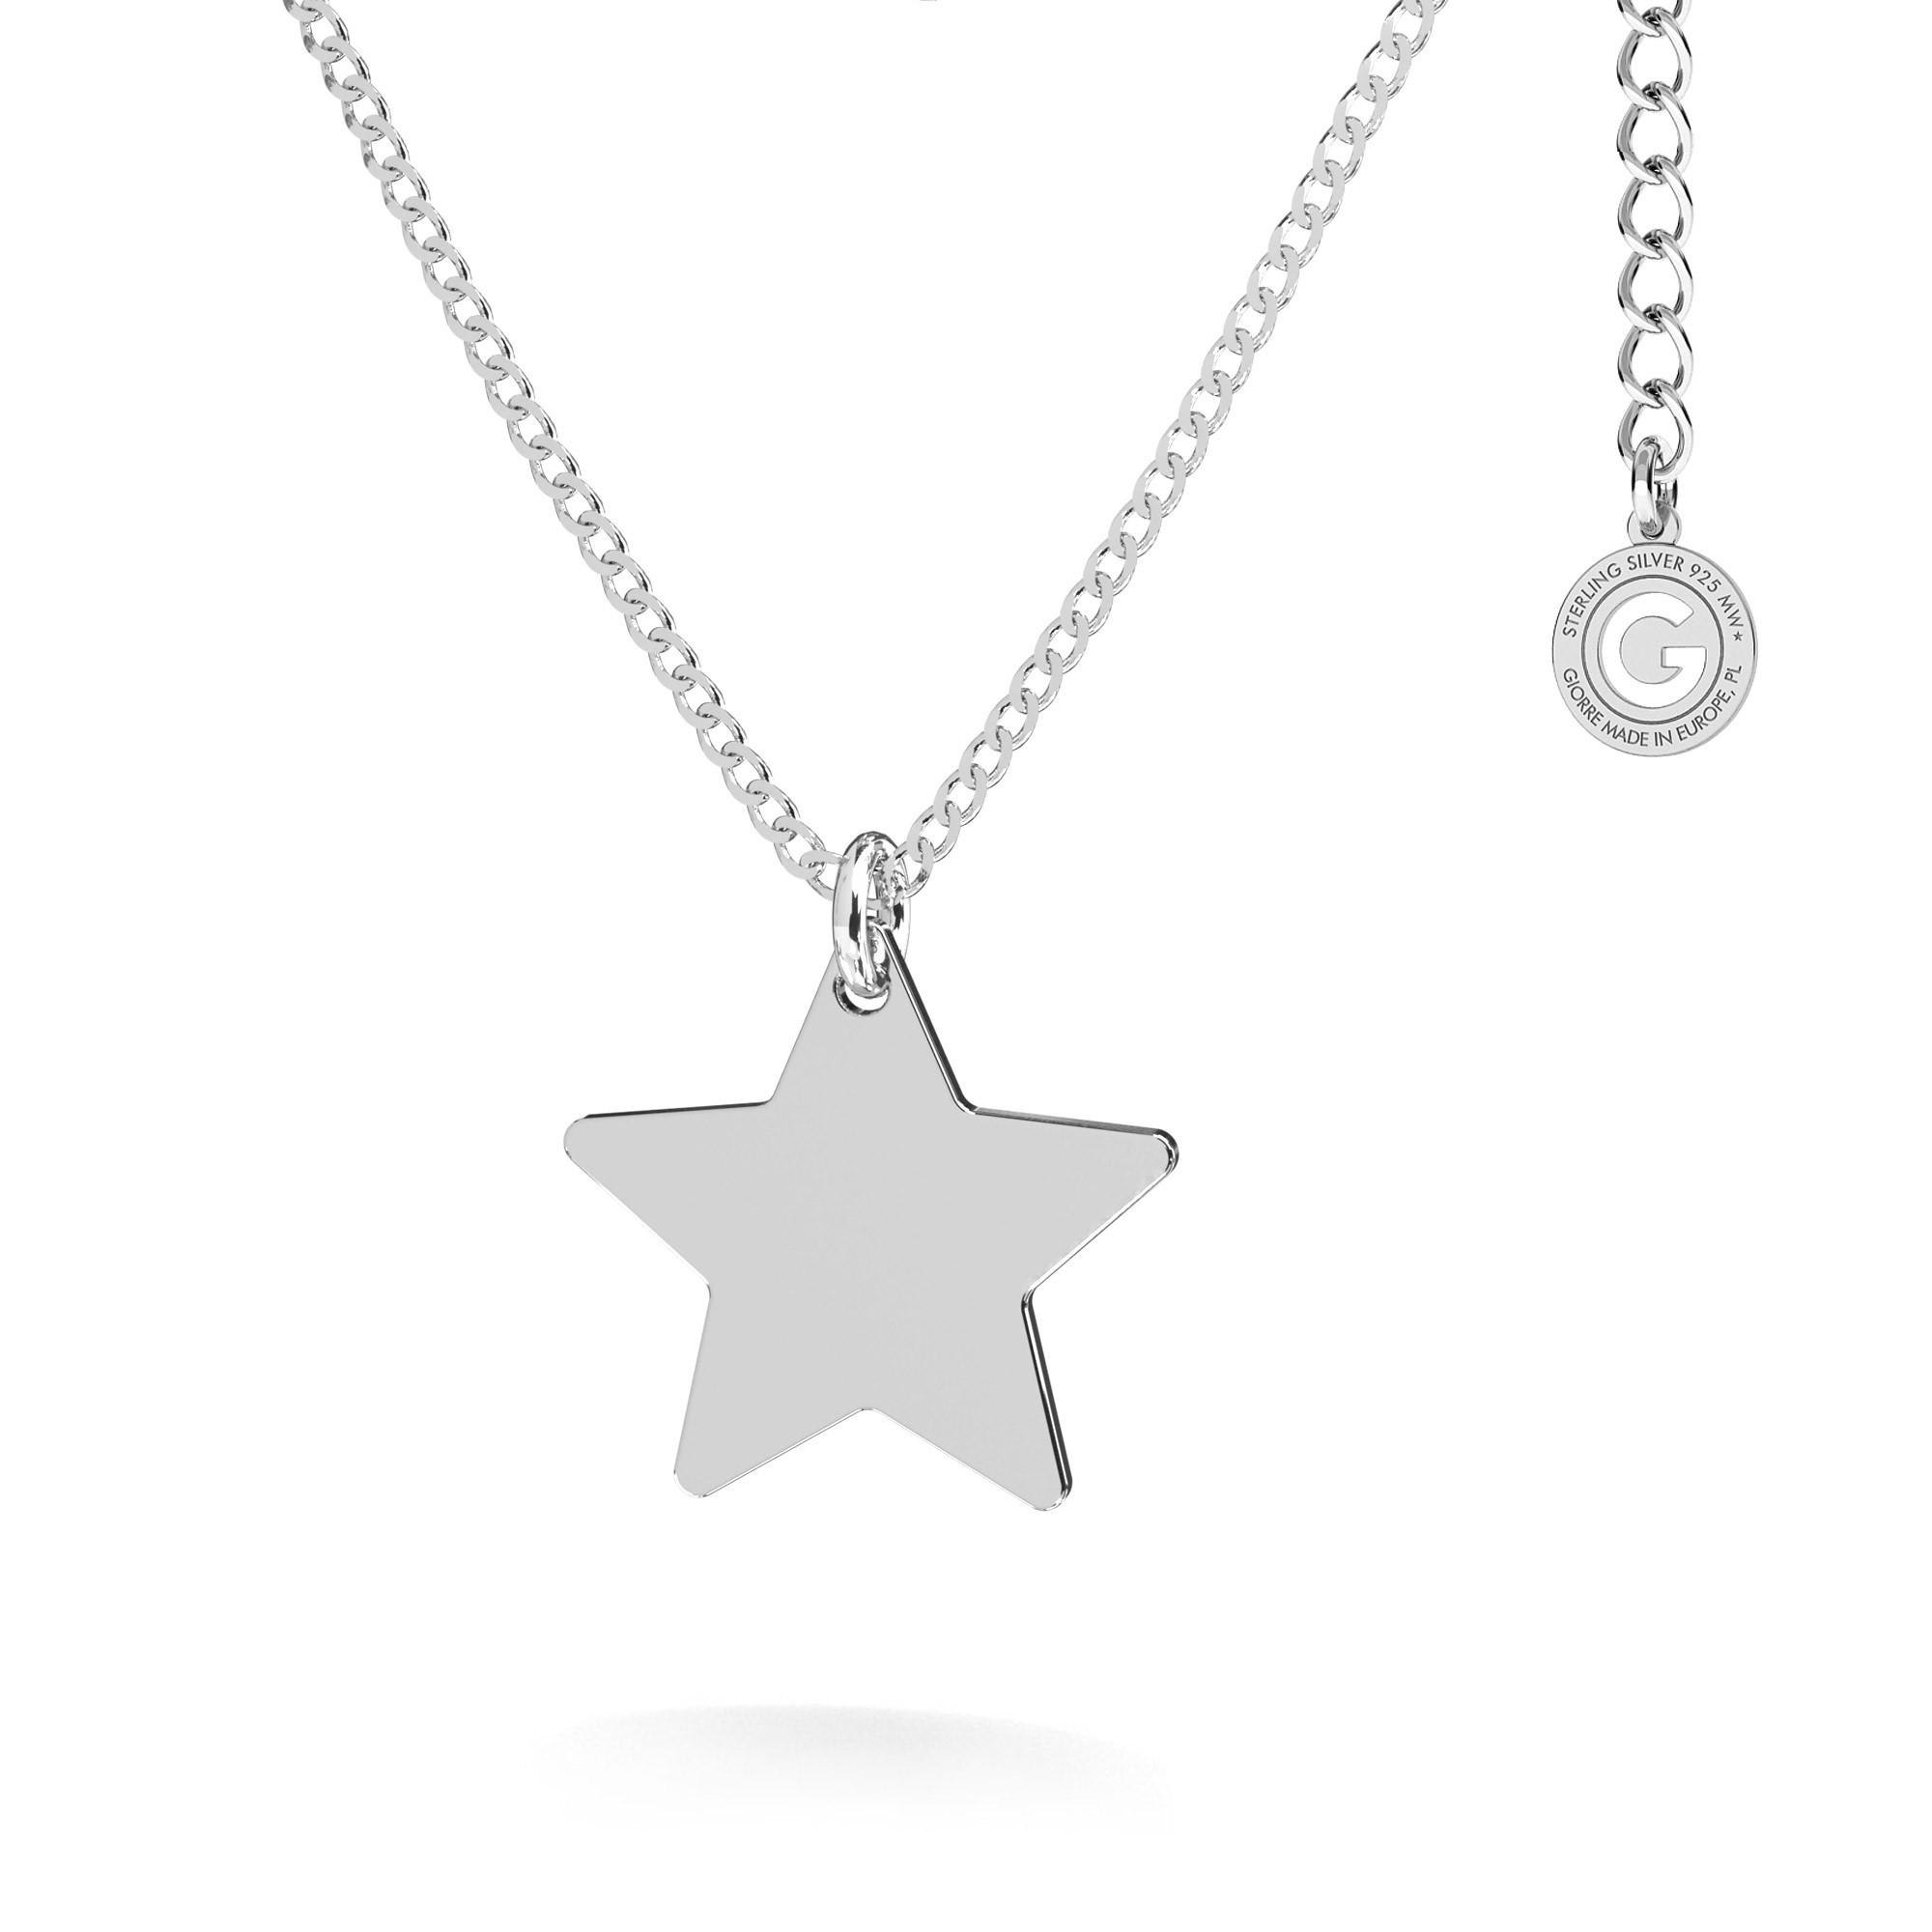 Srebrny naszyjnik gwiazdka blaszka MON DÉFI, srebro 925